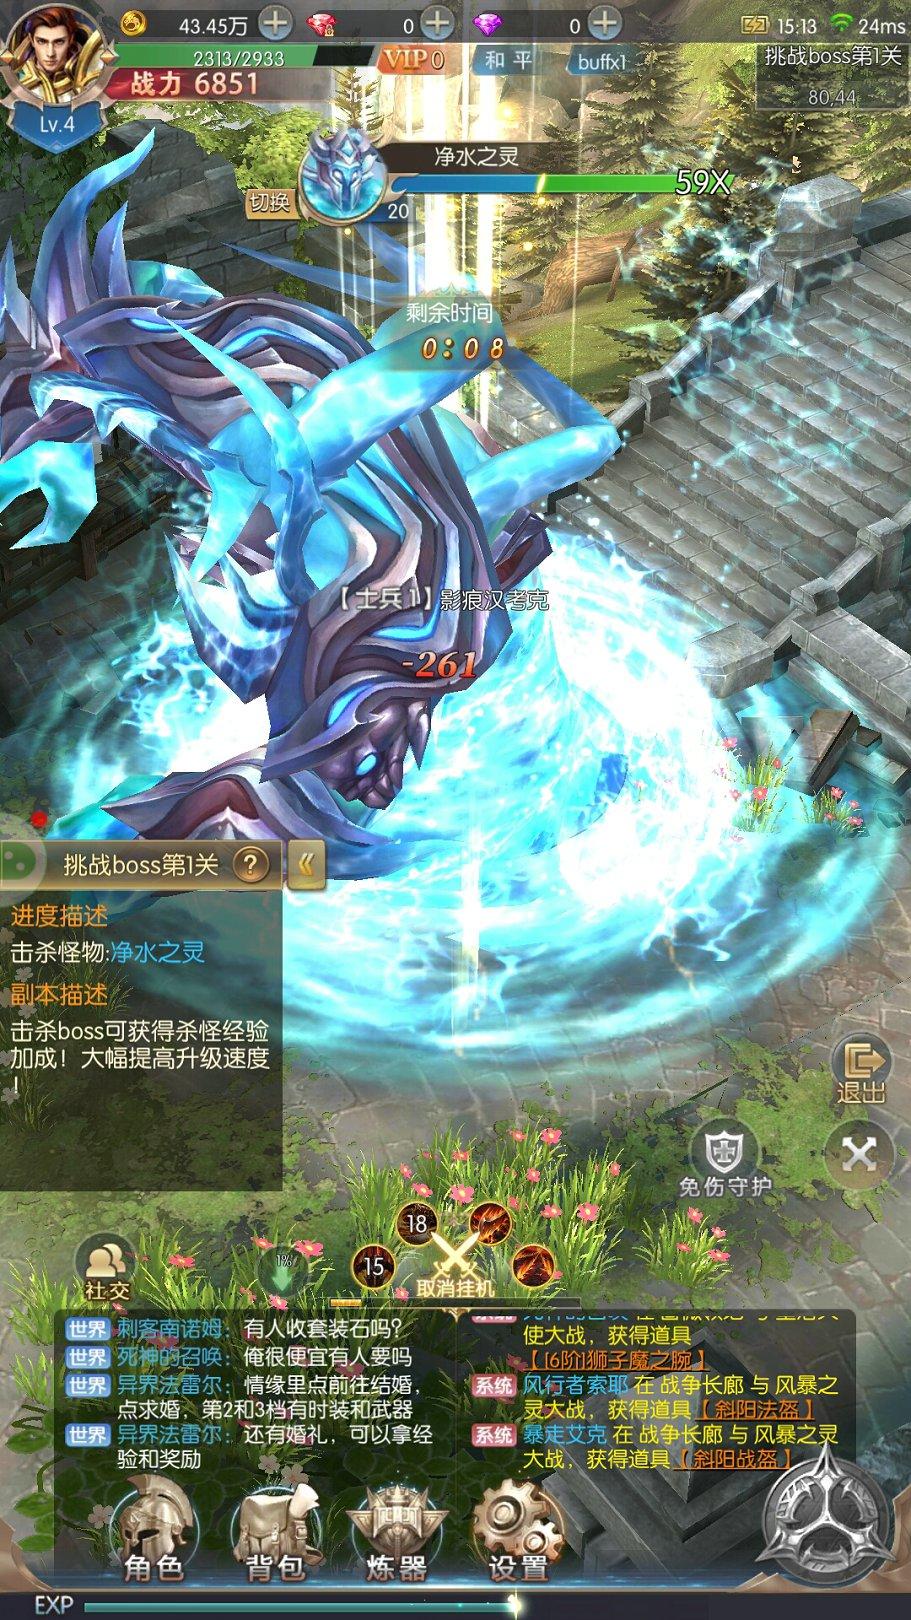 梦幻洛兰手游官网最新版 v1.2.4.3截图